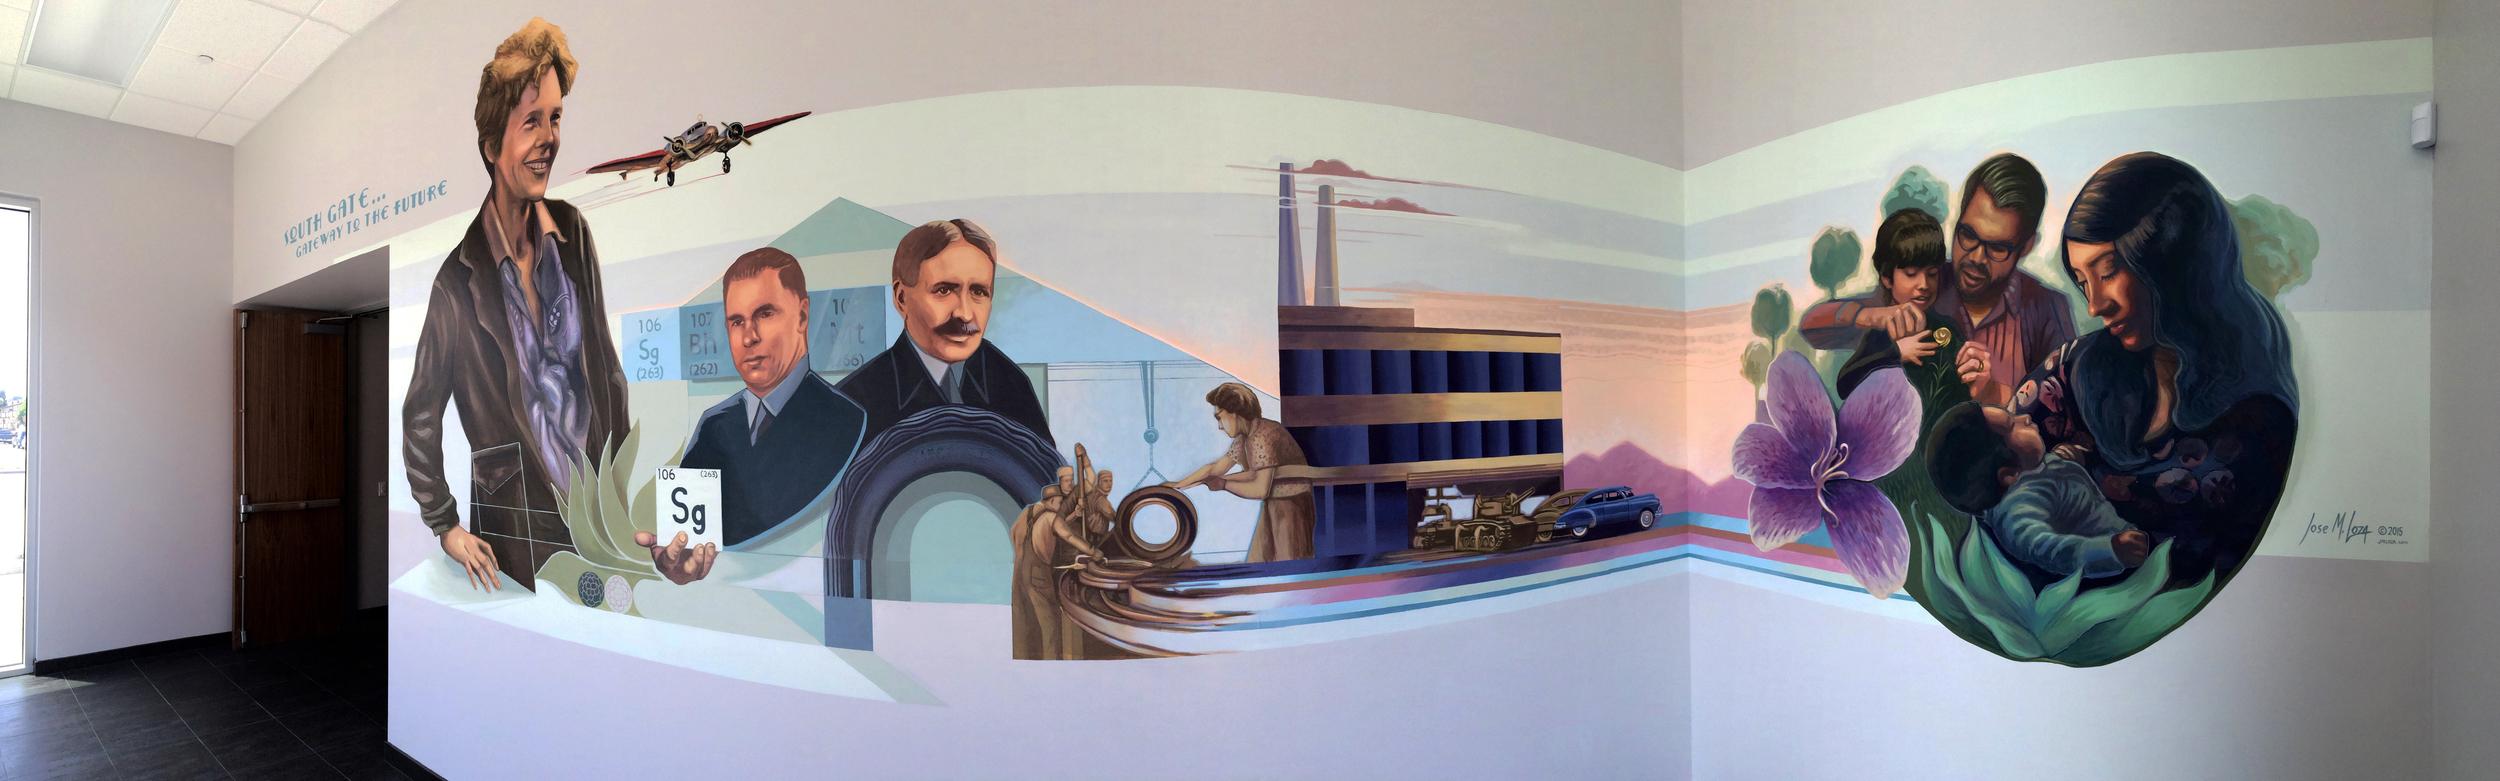 Azalea Mural